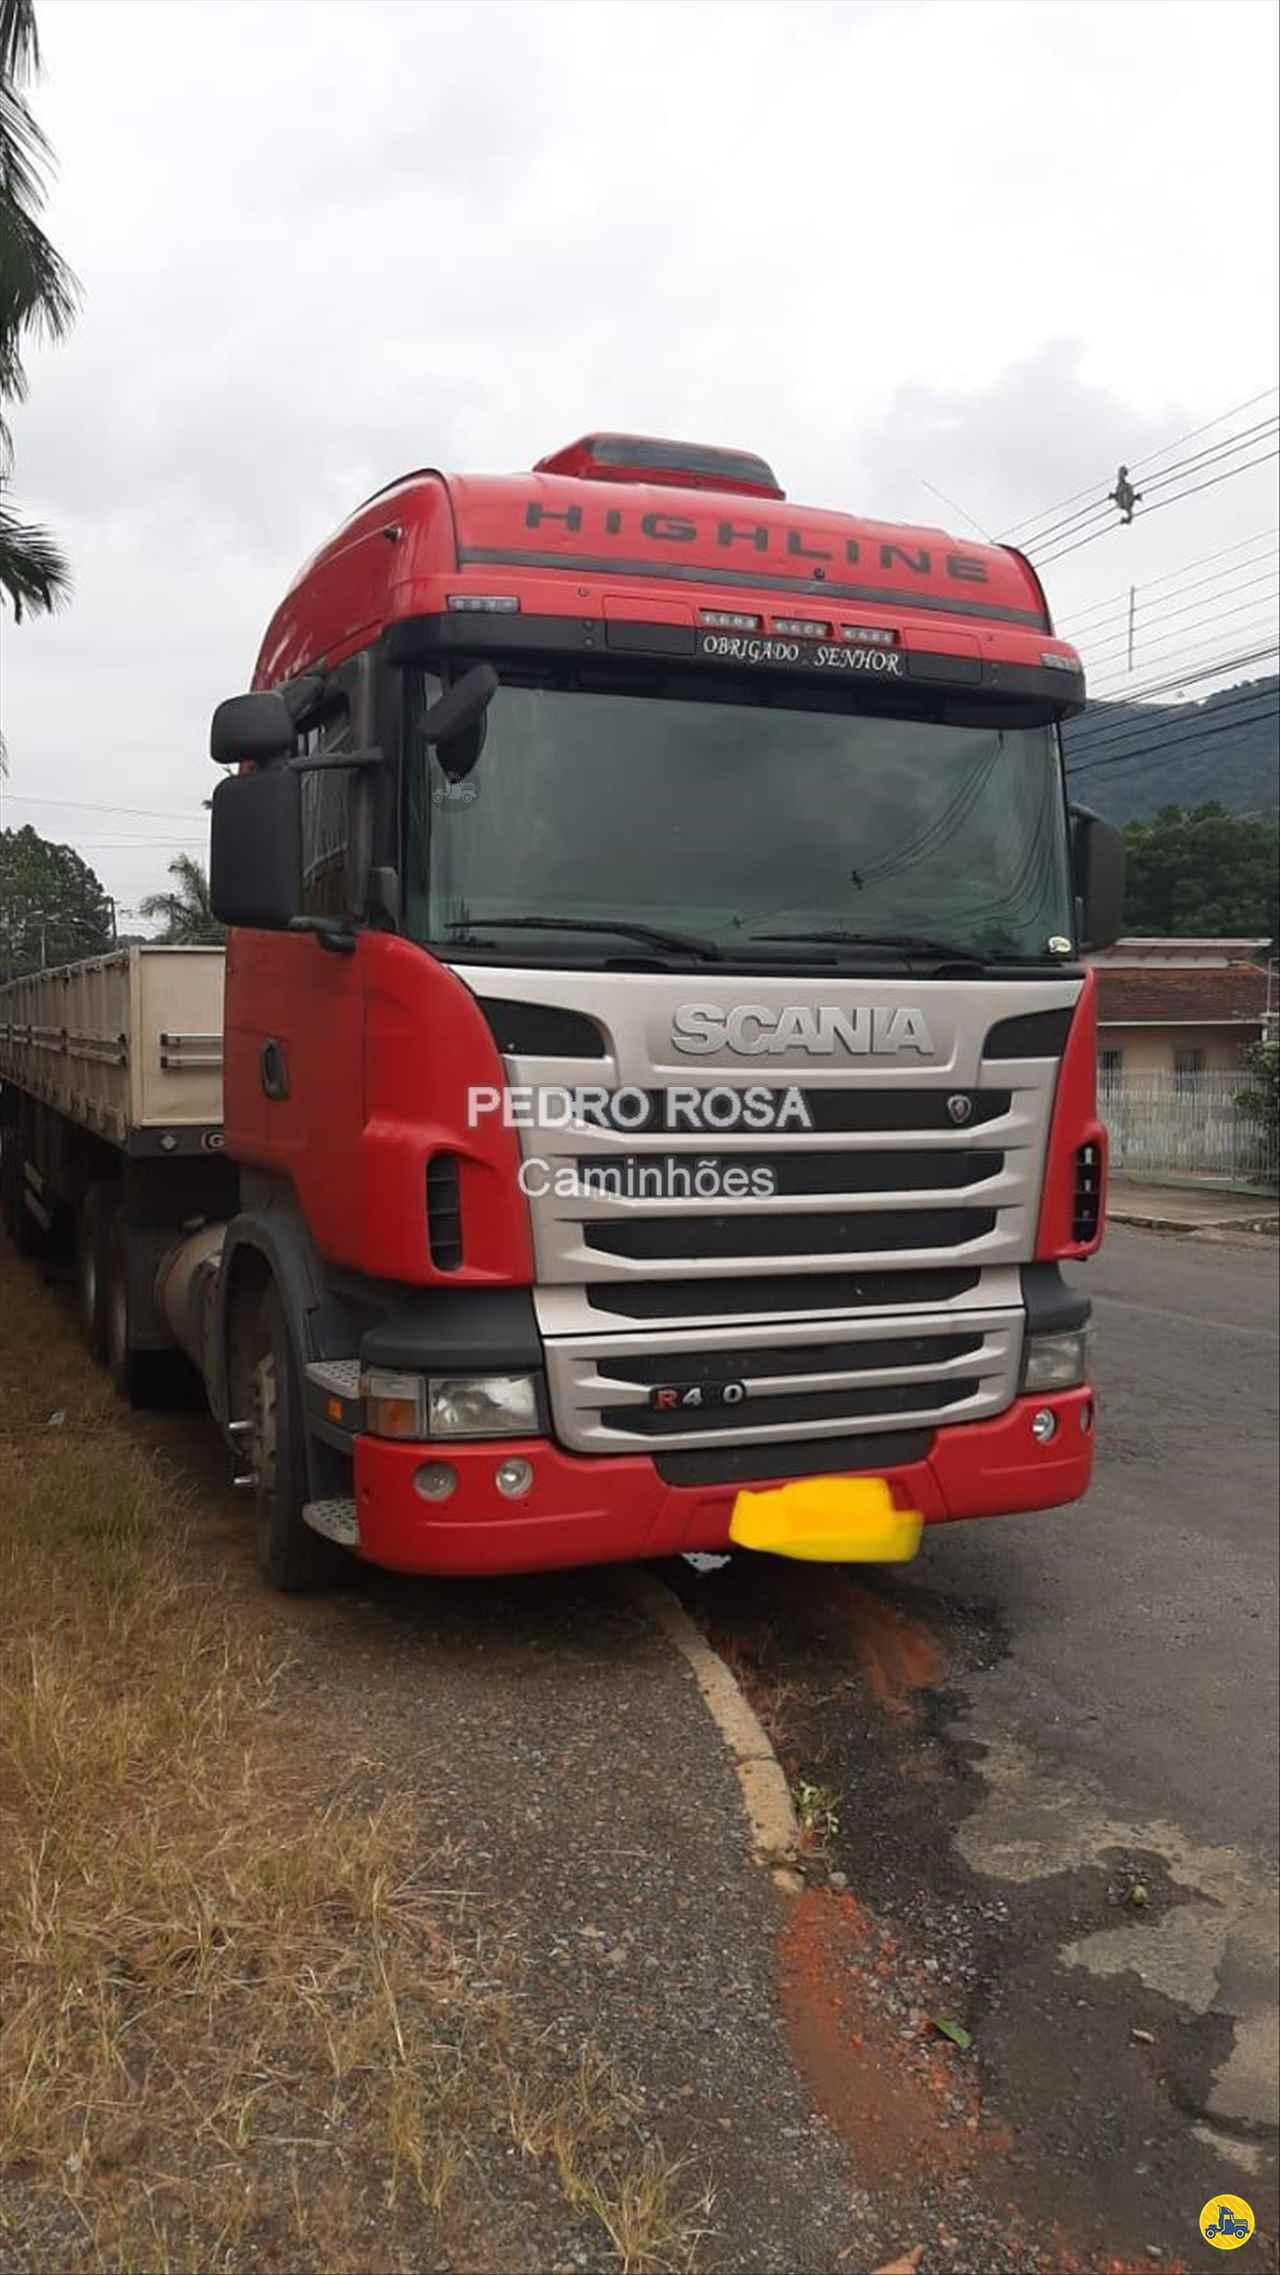 CAMINHAO SCANIA SCANIA 440 Cavalo Mecânico Truck 6x2 Pedro Rosa Caminhões PICARRAS SANTA CATARINA SC